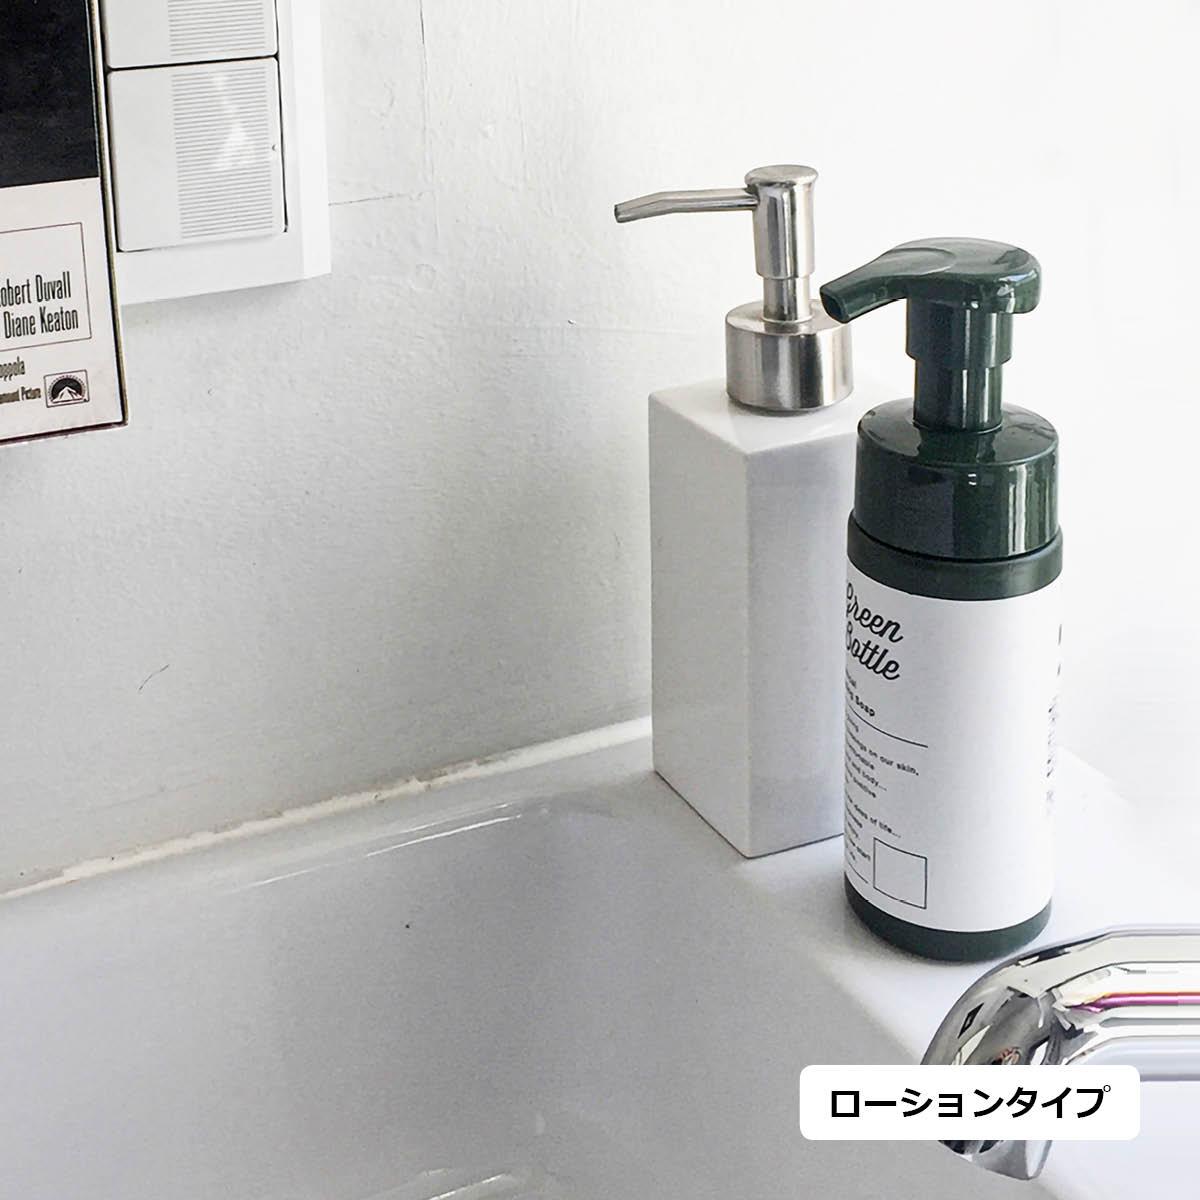 ハンドソープ ディスペンサー 詰め替えボトル 陶器 [b2c セラミック ローションボトル-S]